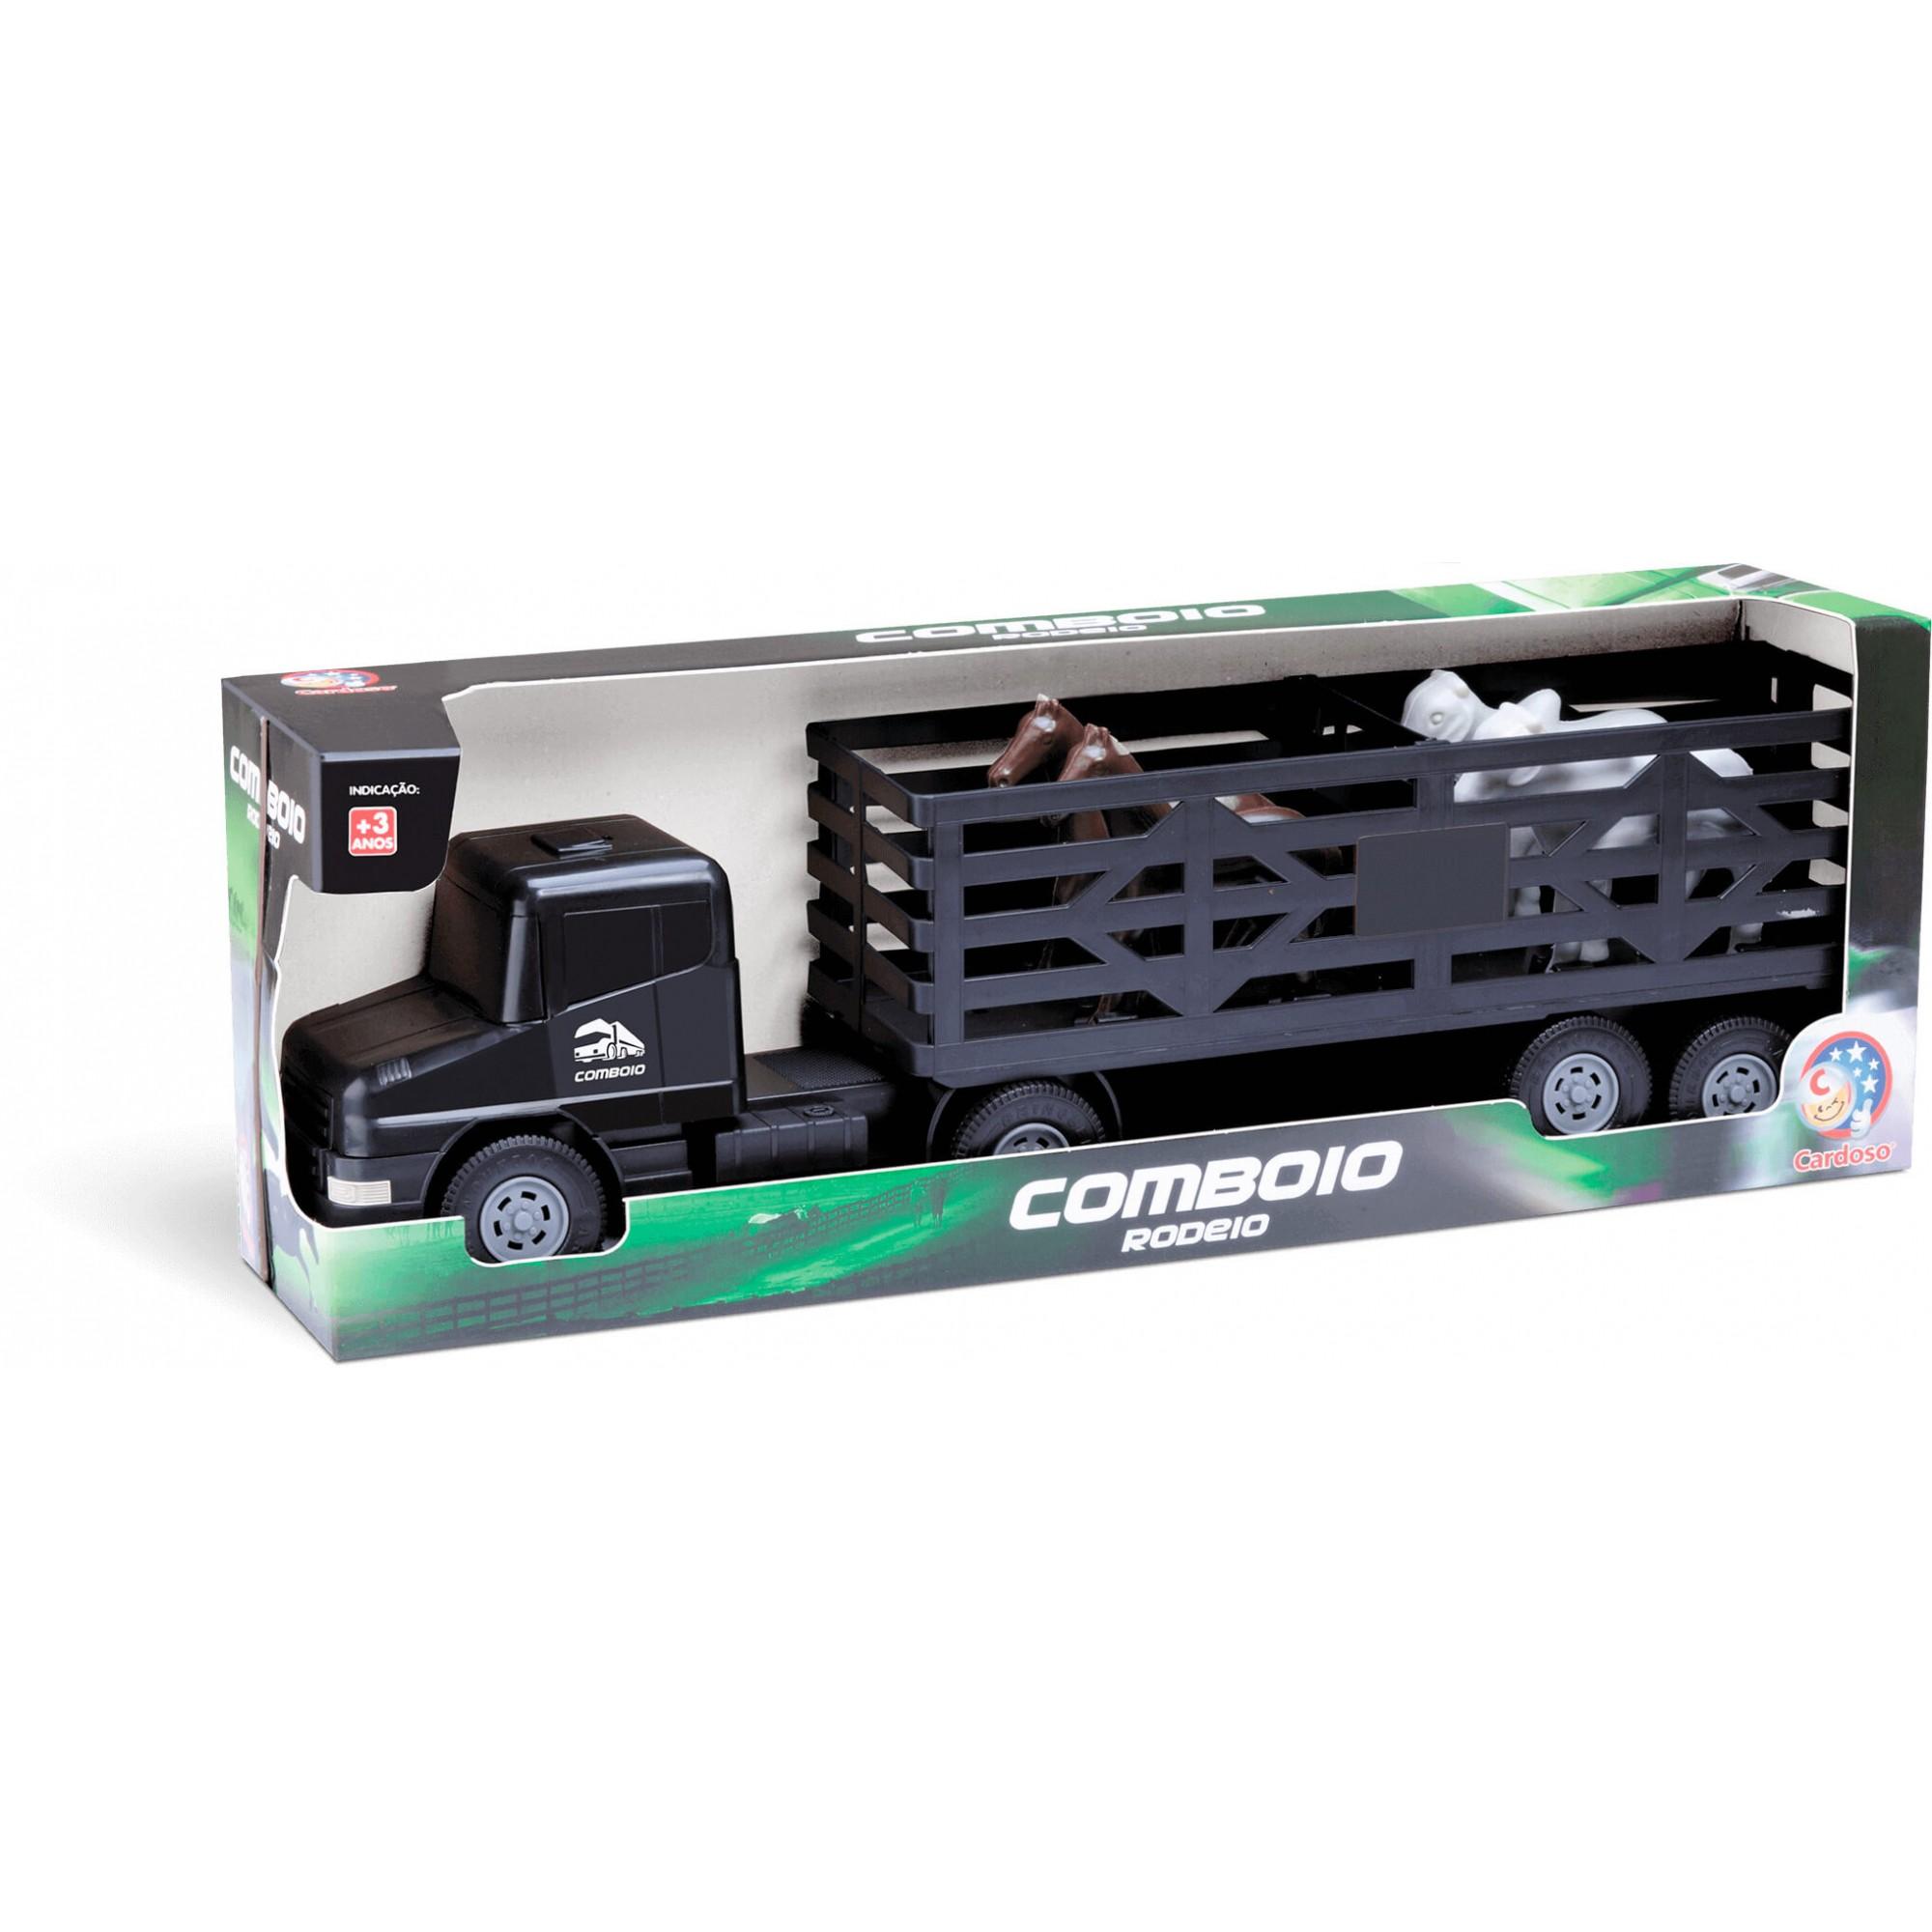 Carreta Comboio Rodeio Com Animal 9047 Cardoso